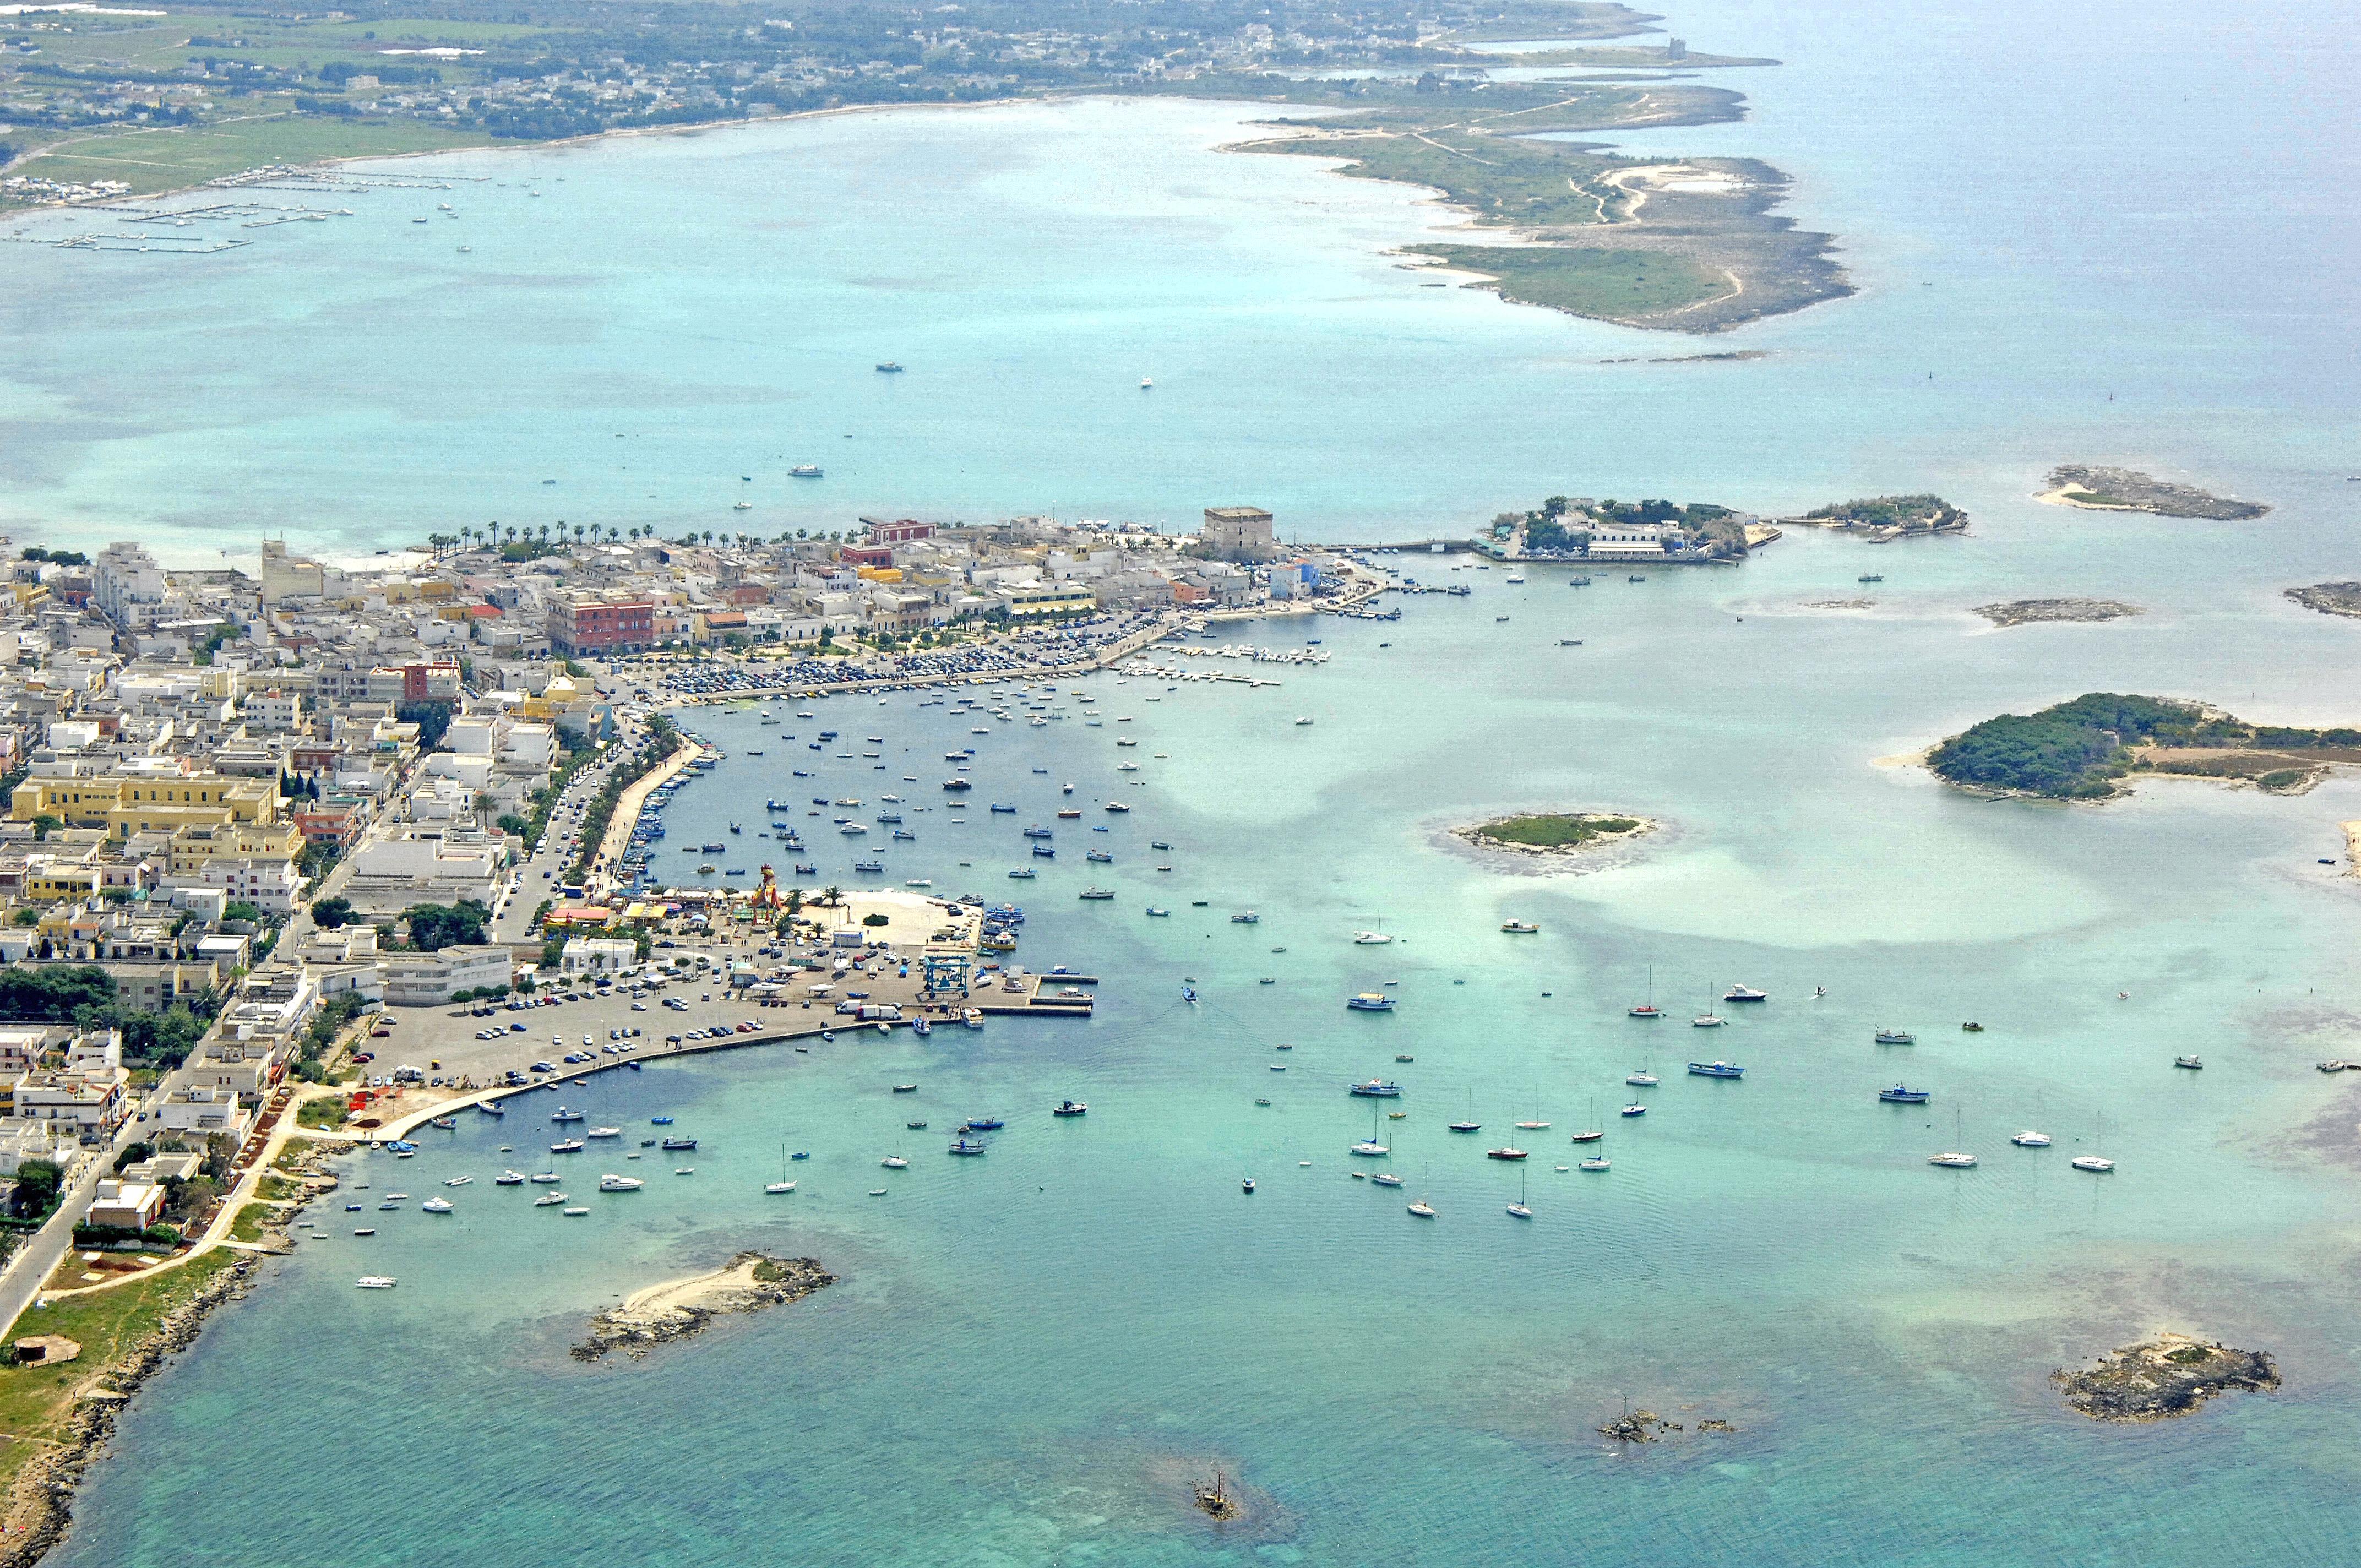 Porto Cesareo Marina in Porto Cesareo, Puglia, Italy - Marina Reviews -  Phone Number - Marinas.com